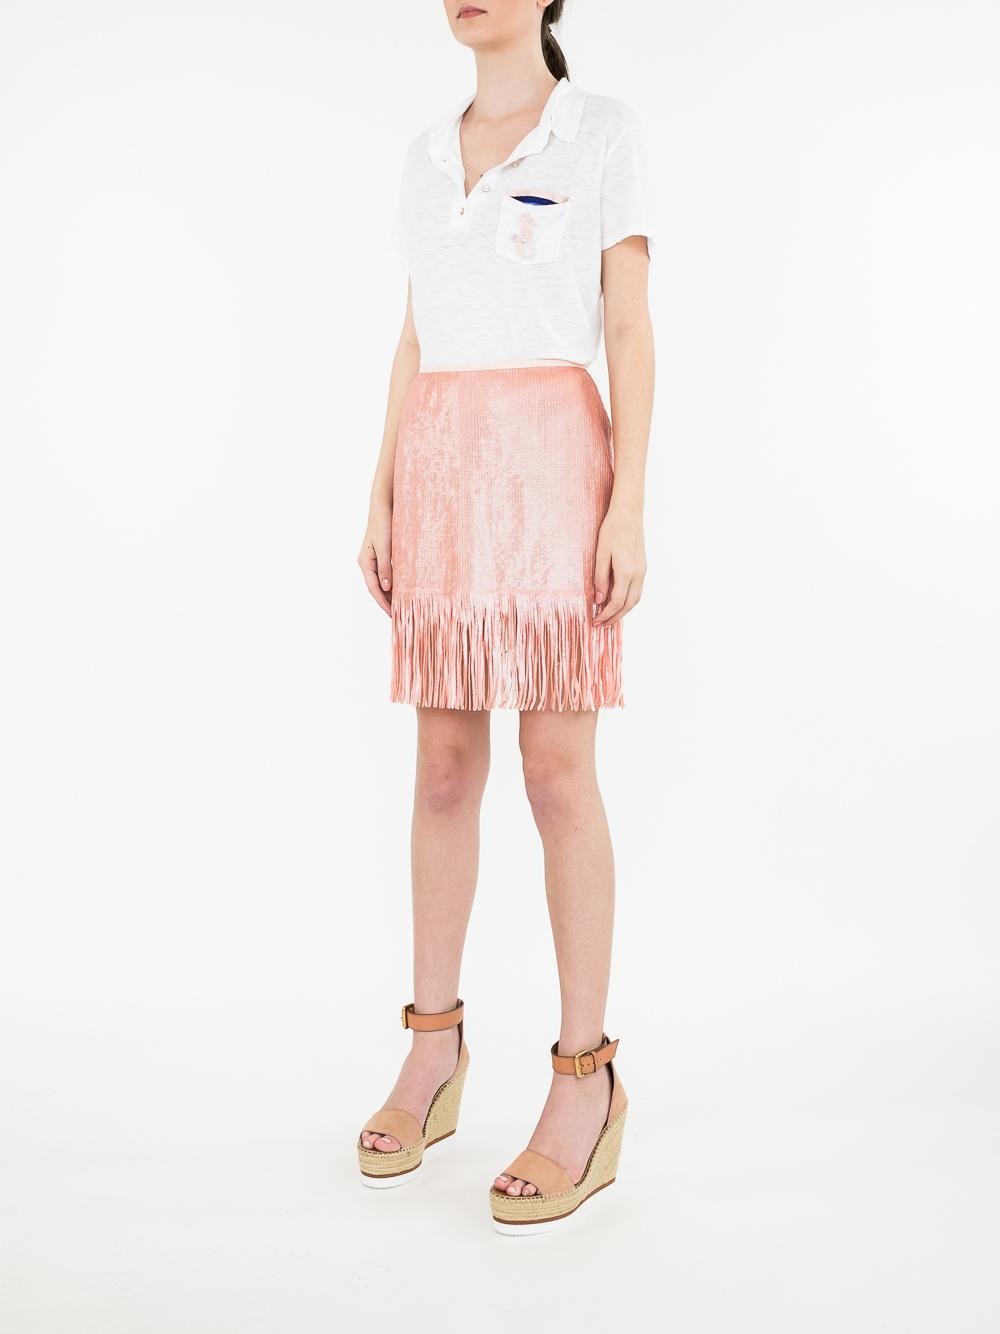 Speak Easier Shimmy Sequin Skirt Item # LS18-095